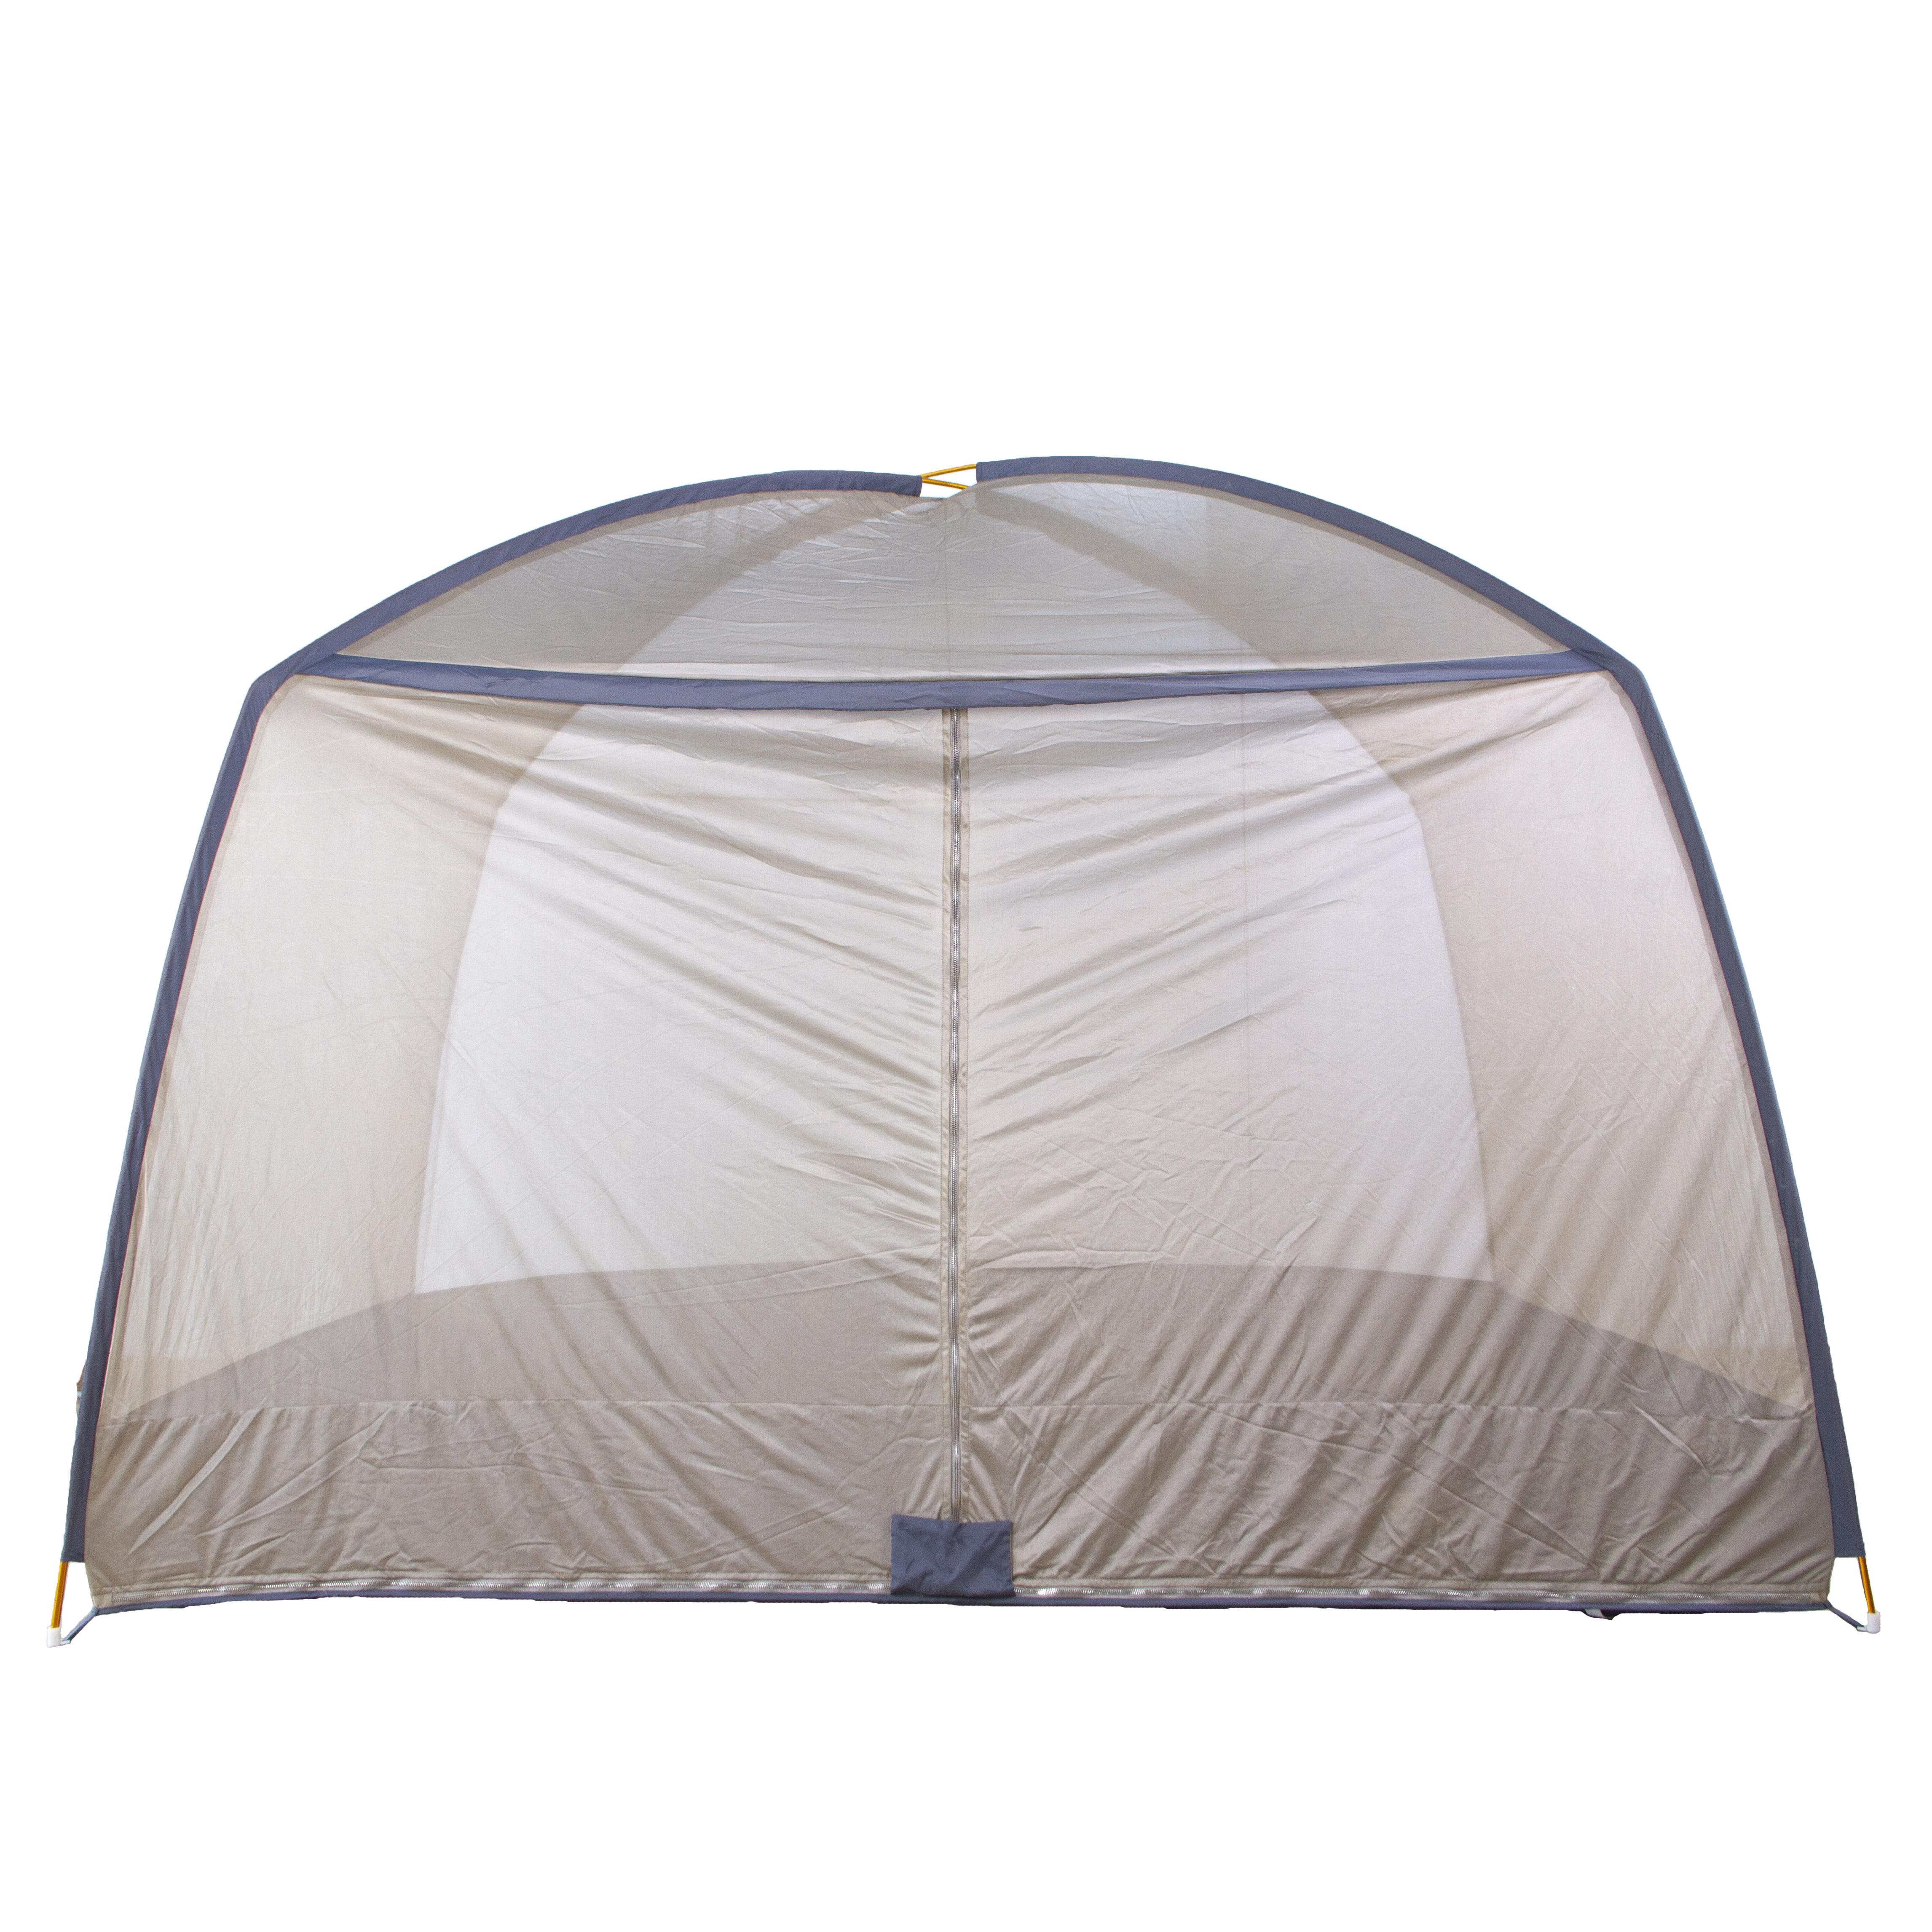 全封閉帶拉鏈鍍銀布電磁波屏蔽帳篷